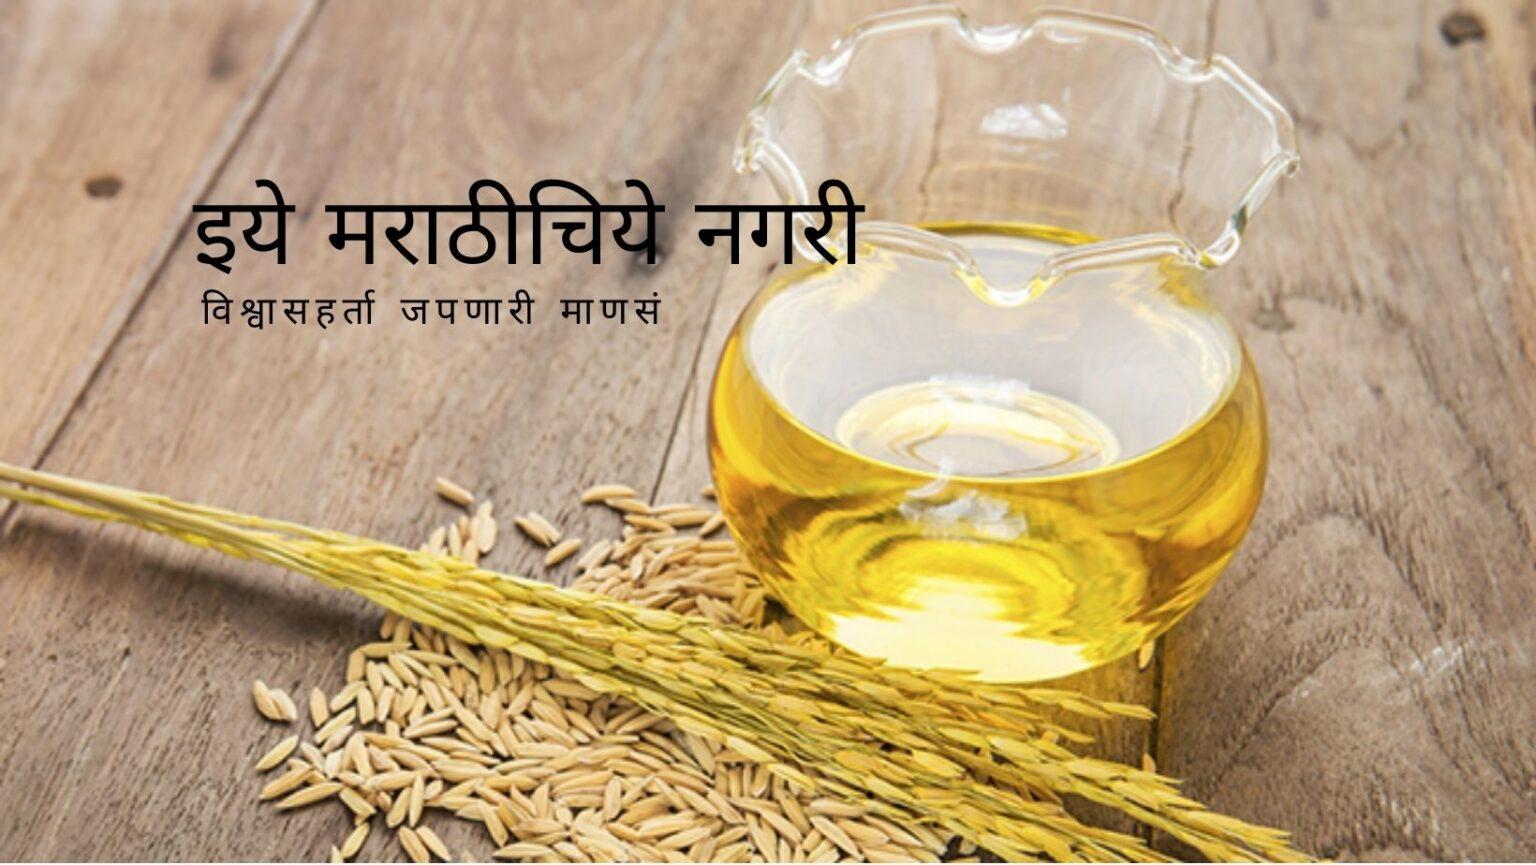 neettu-talks on importace of rice bran Oil